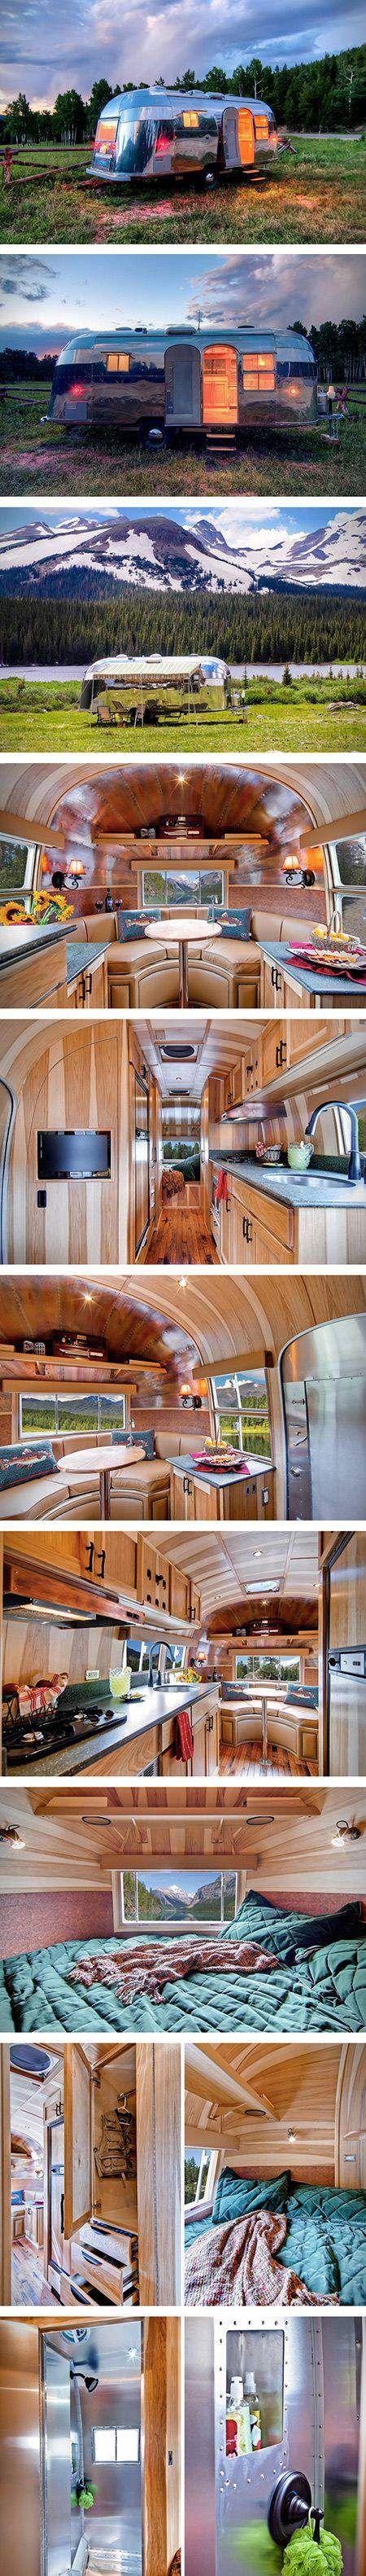 10 airstream interior ideas